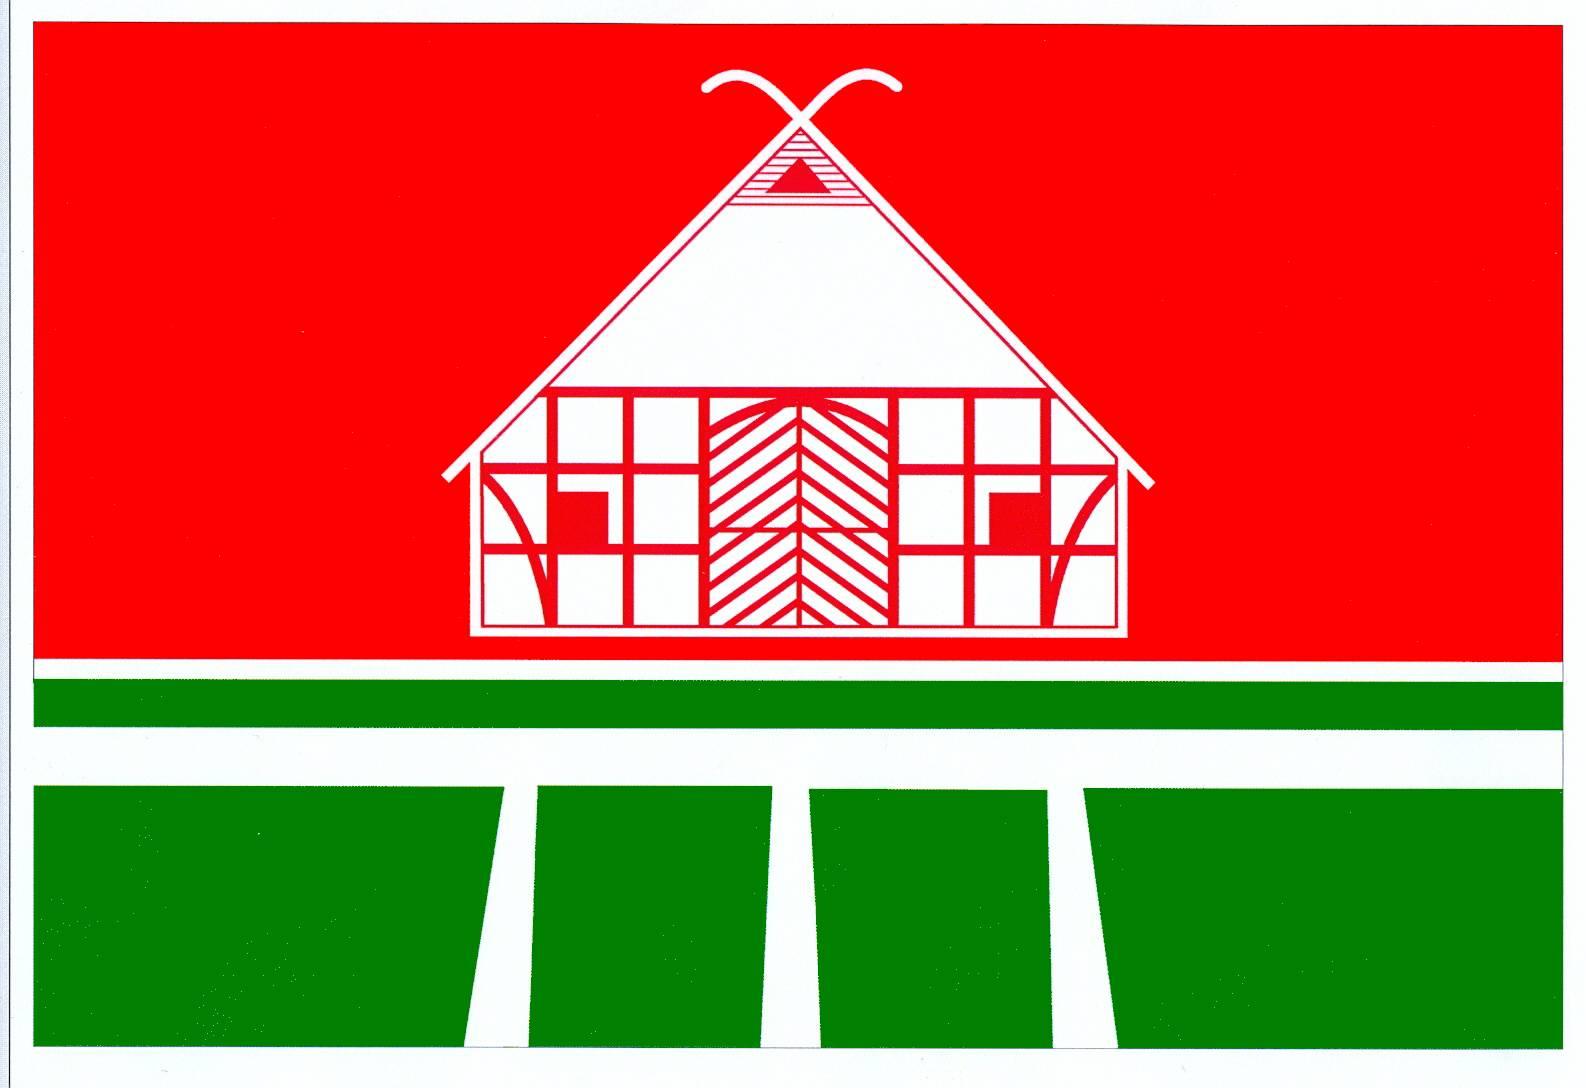 Flagge StadtWesselburen, Kreis Dithmarschen